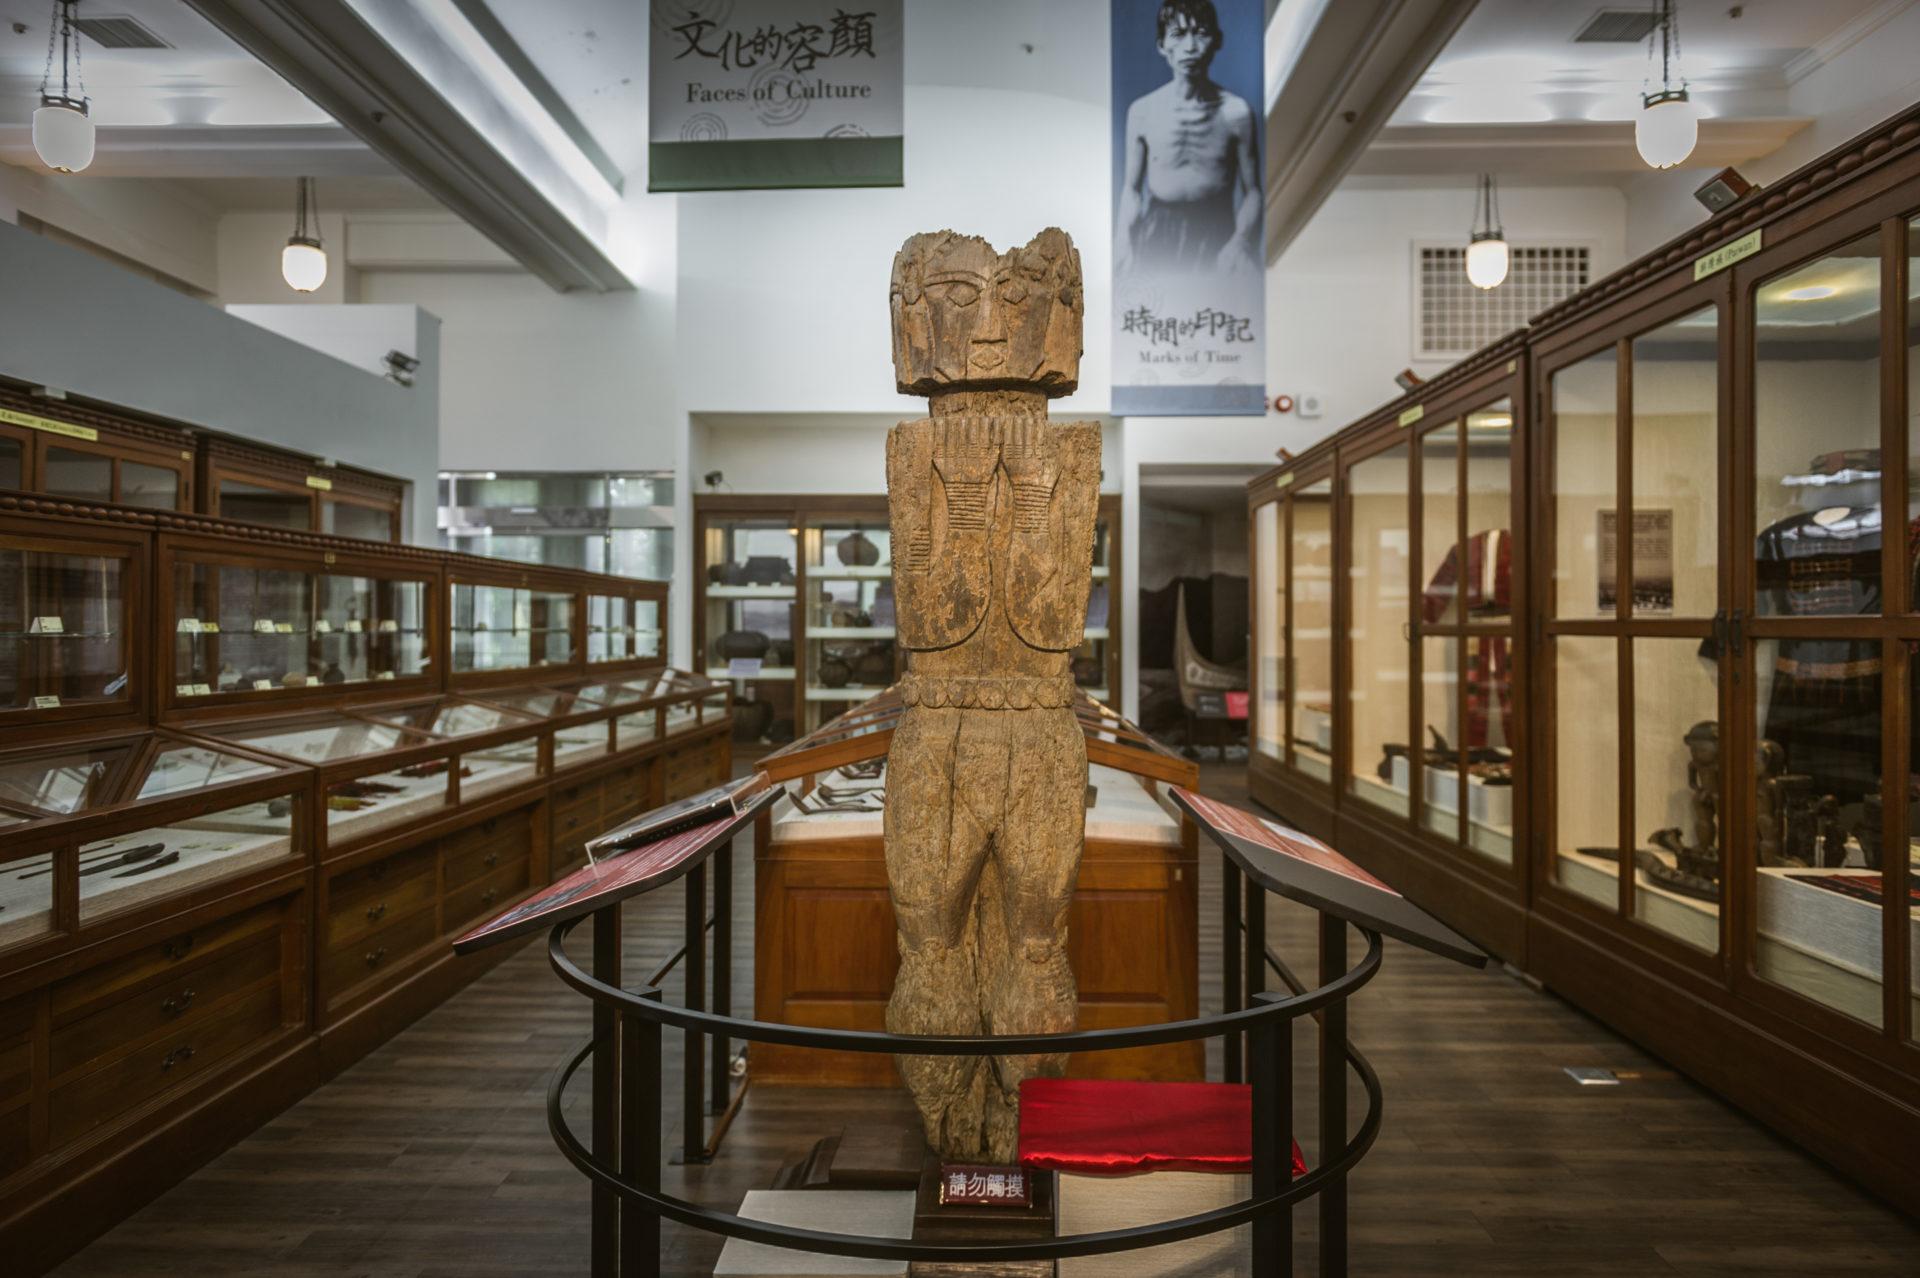 【亞太博物館連線專欄】世界首見的國寶婚禮及婚後?文物連結的博物館與部落關係